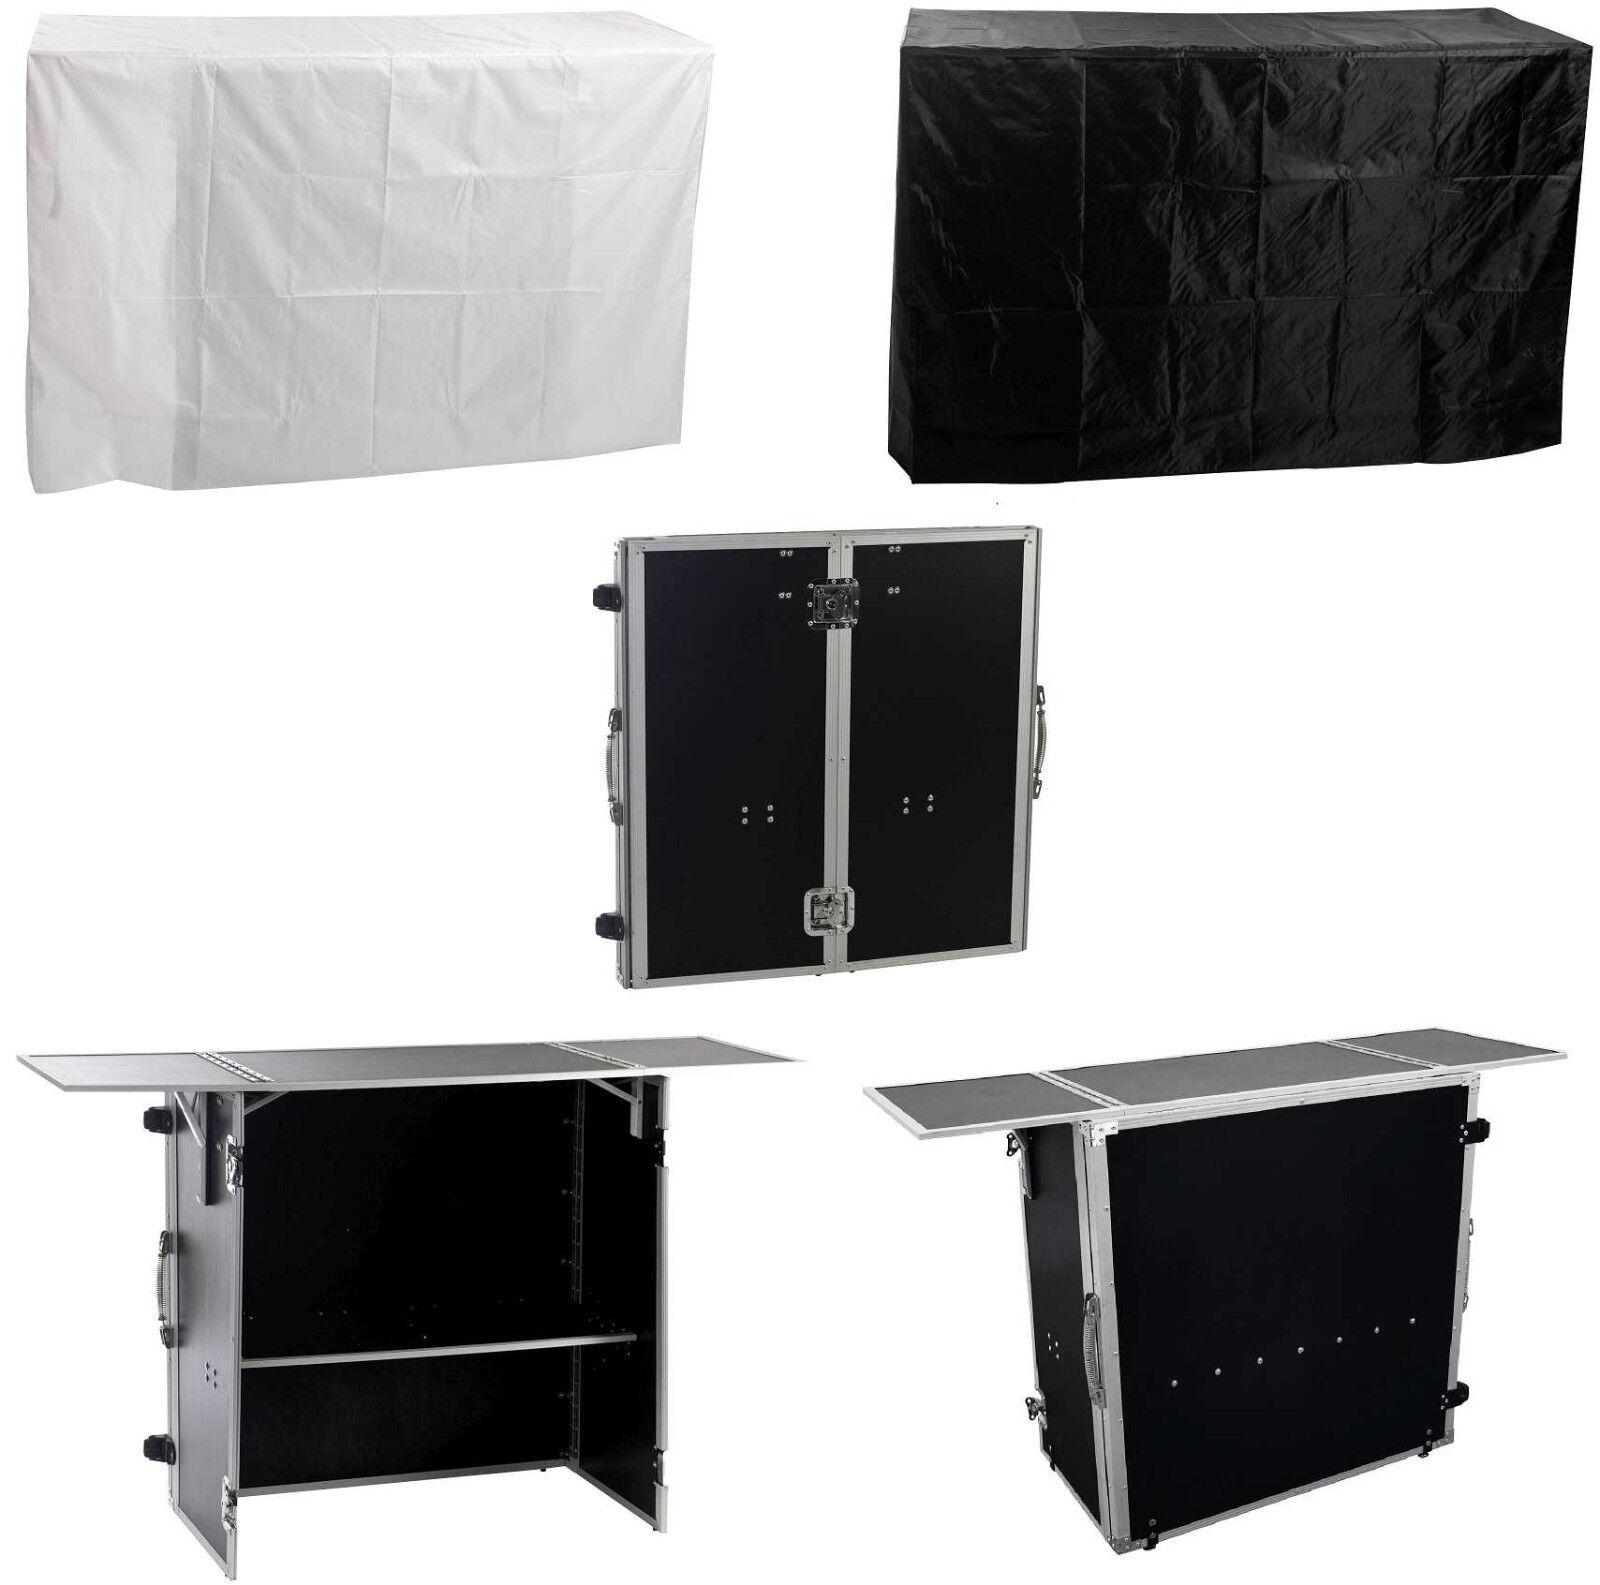 Theke Tisch zusammenklappbar - WerBesteand - Portabler DJ-Tisch - Case Info Desk